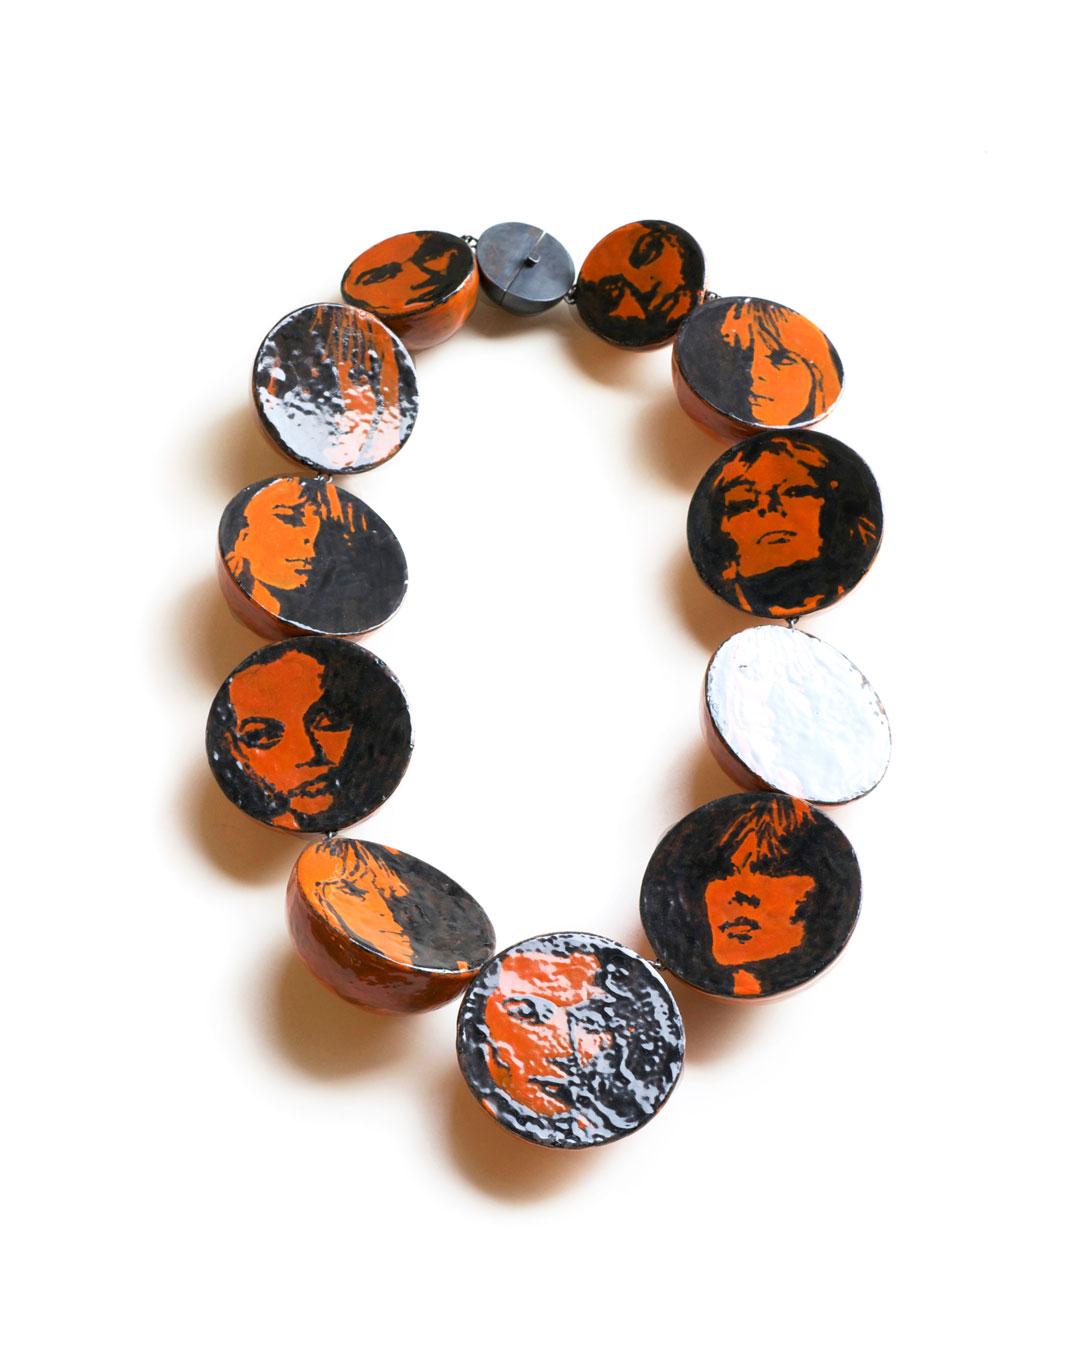 Vera Siemund, untitled, 2009, necklace; copper, silver, enamel, 180 x 320 x 50 mm, €4750